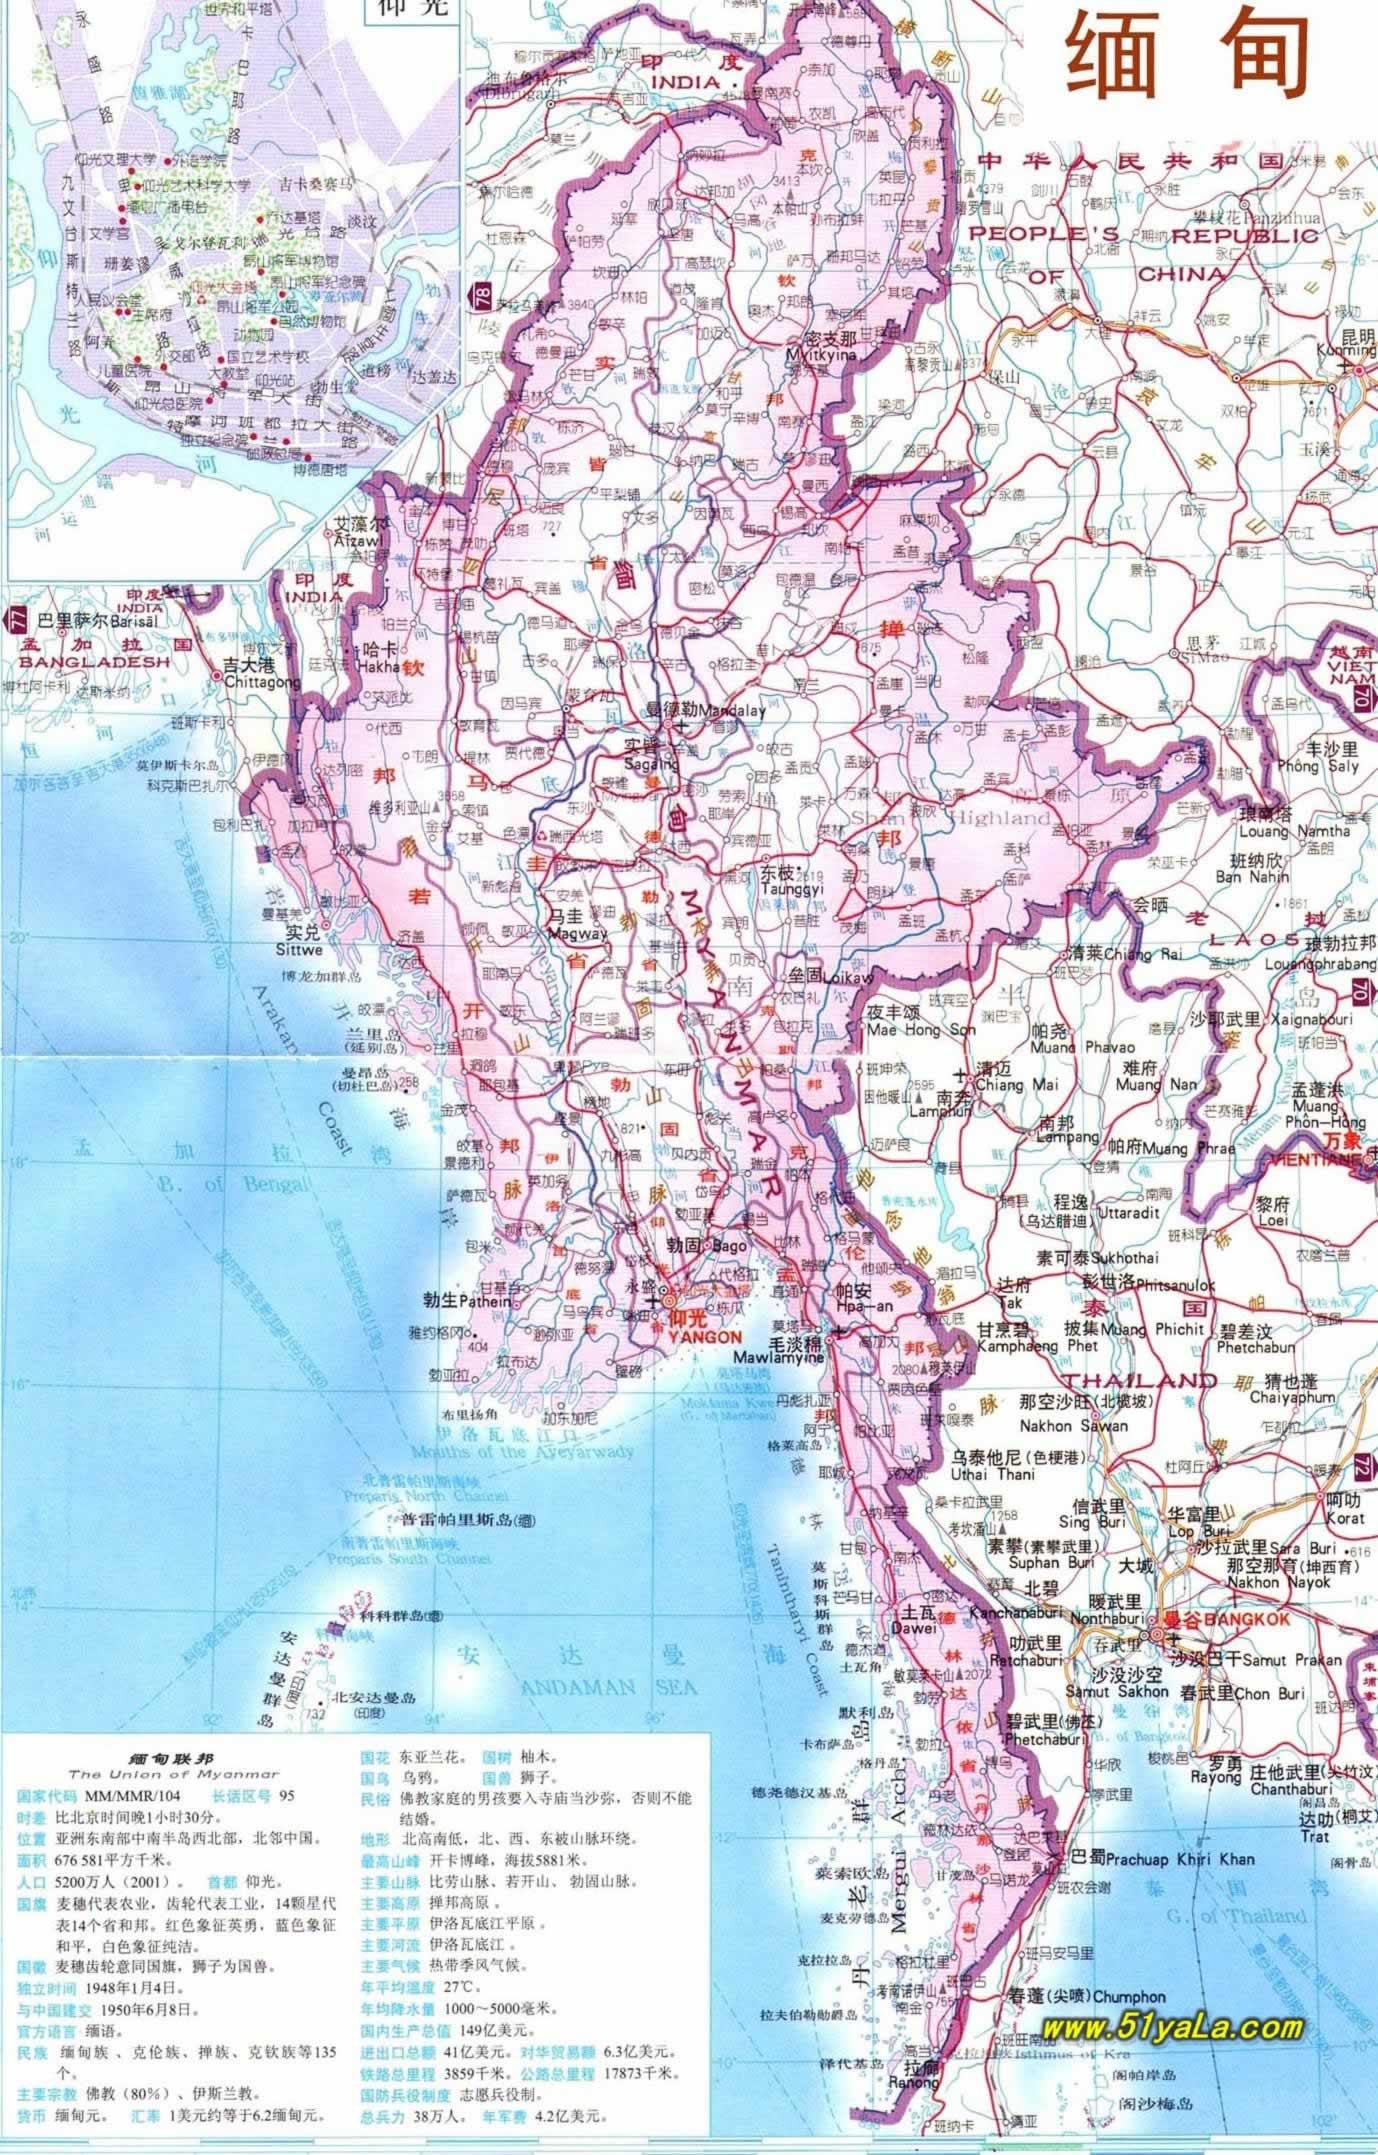 哈萨克斯坦中文地图_缅甸地图中文版_缅甸地图库